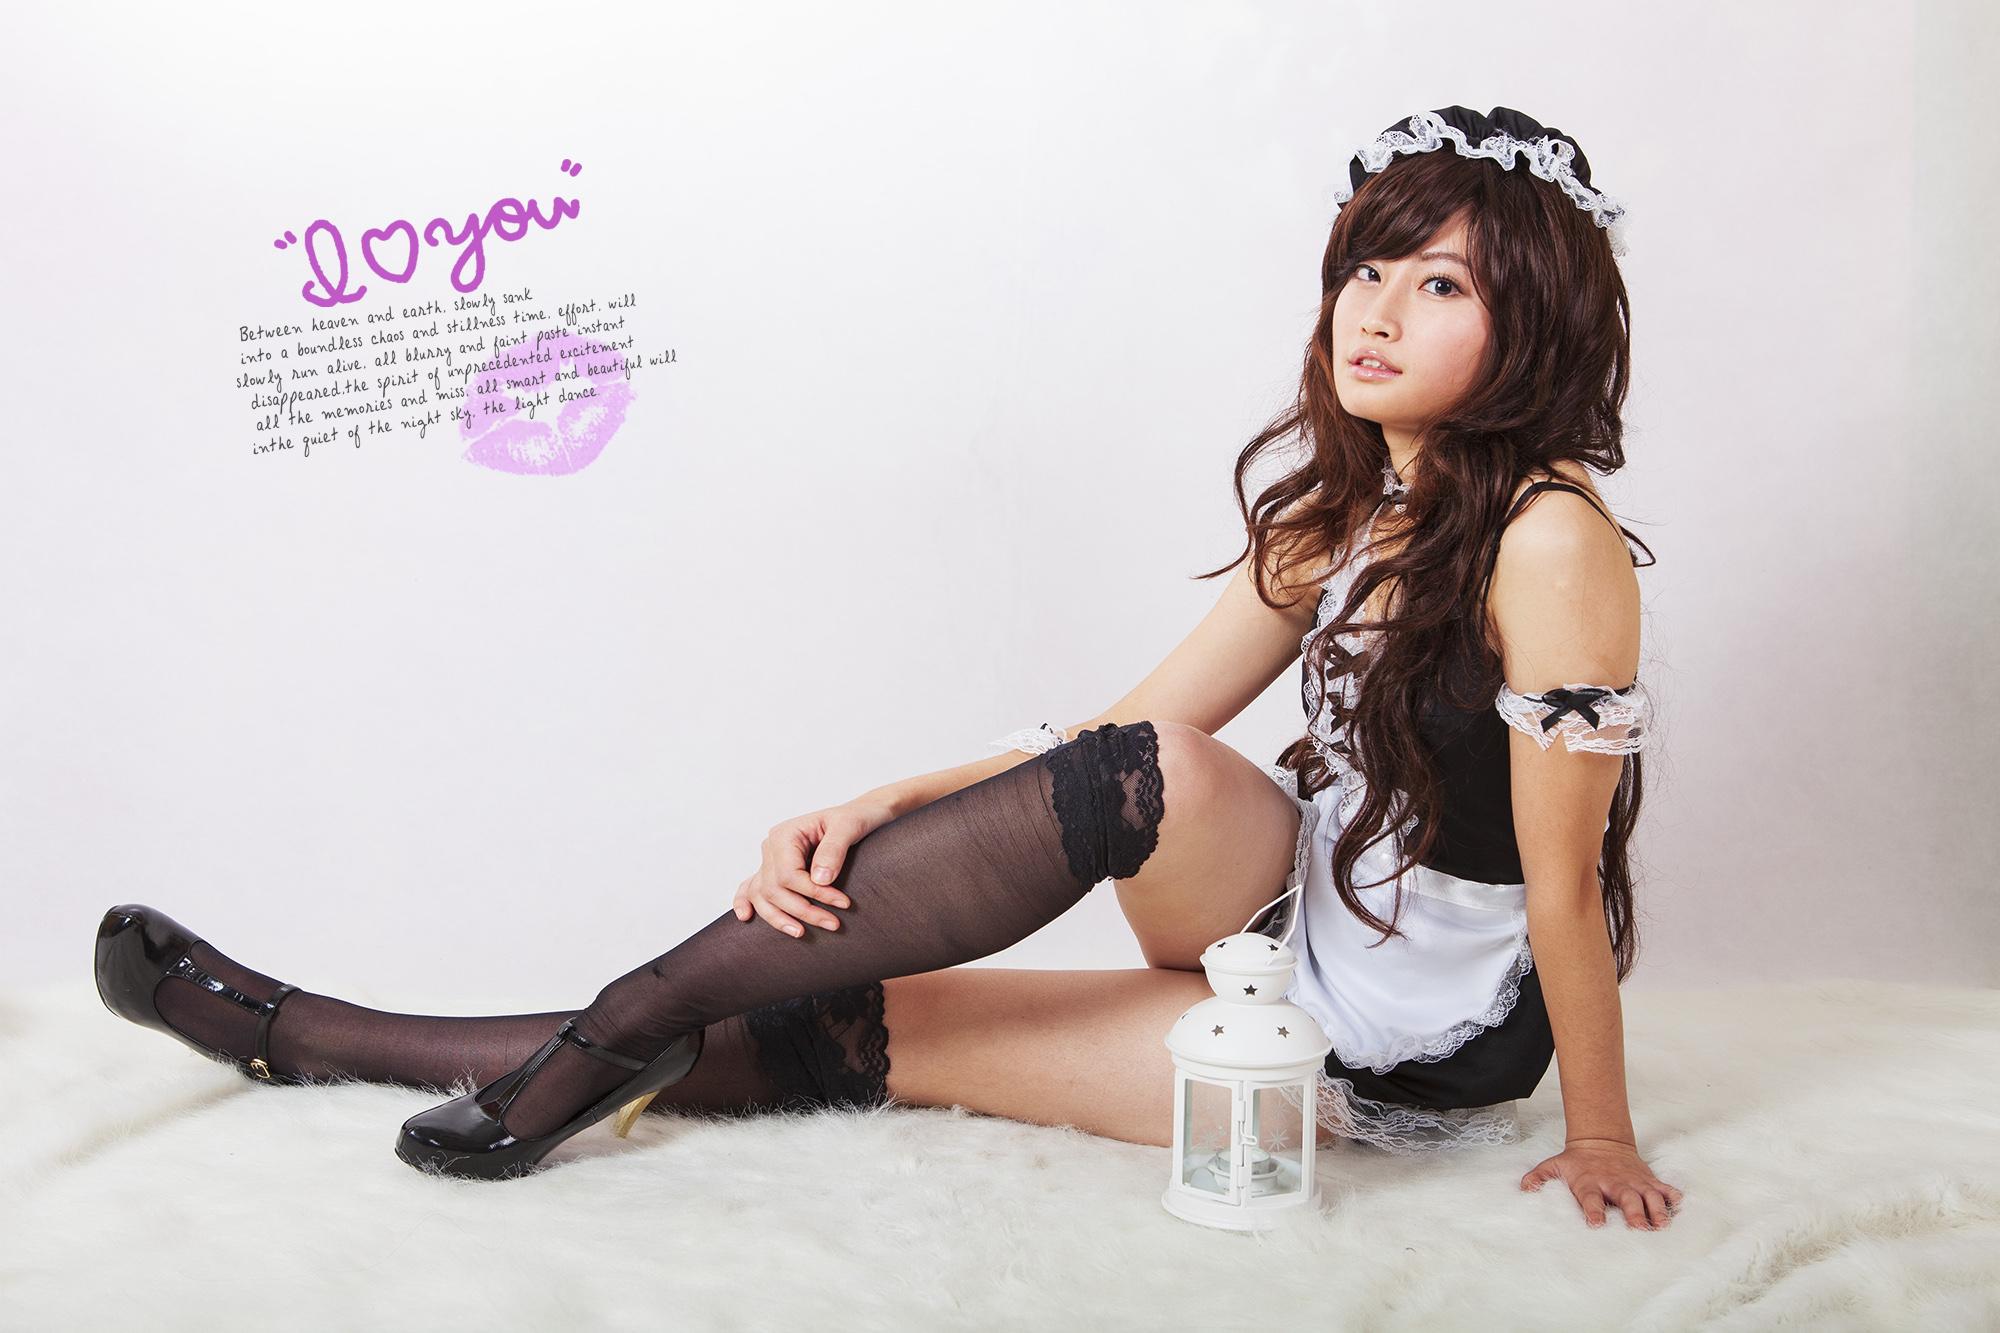 _MG_0382.jpg